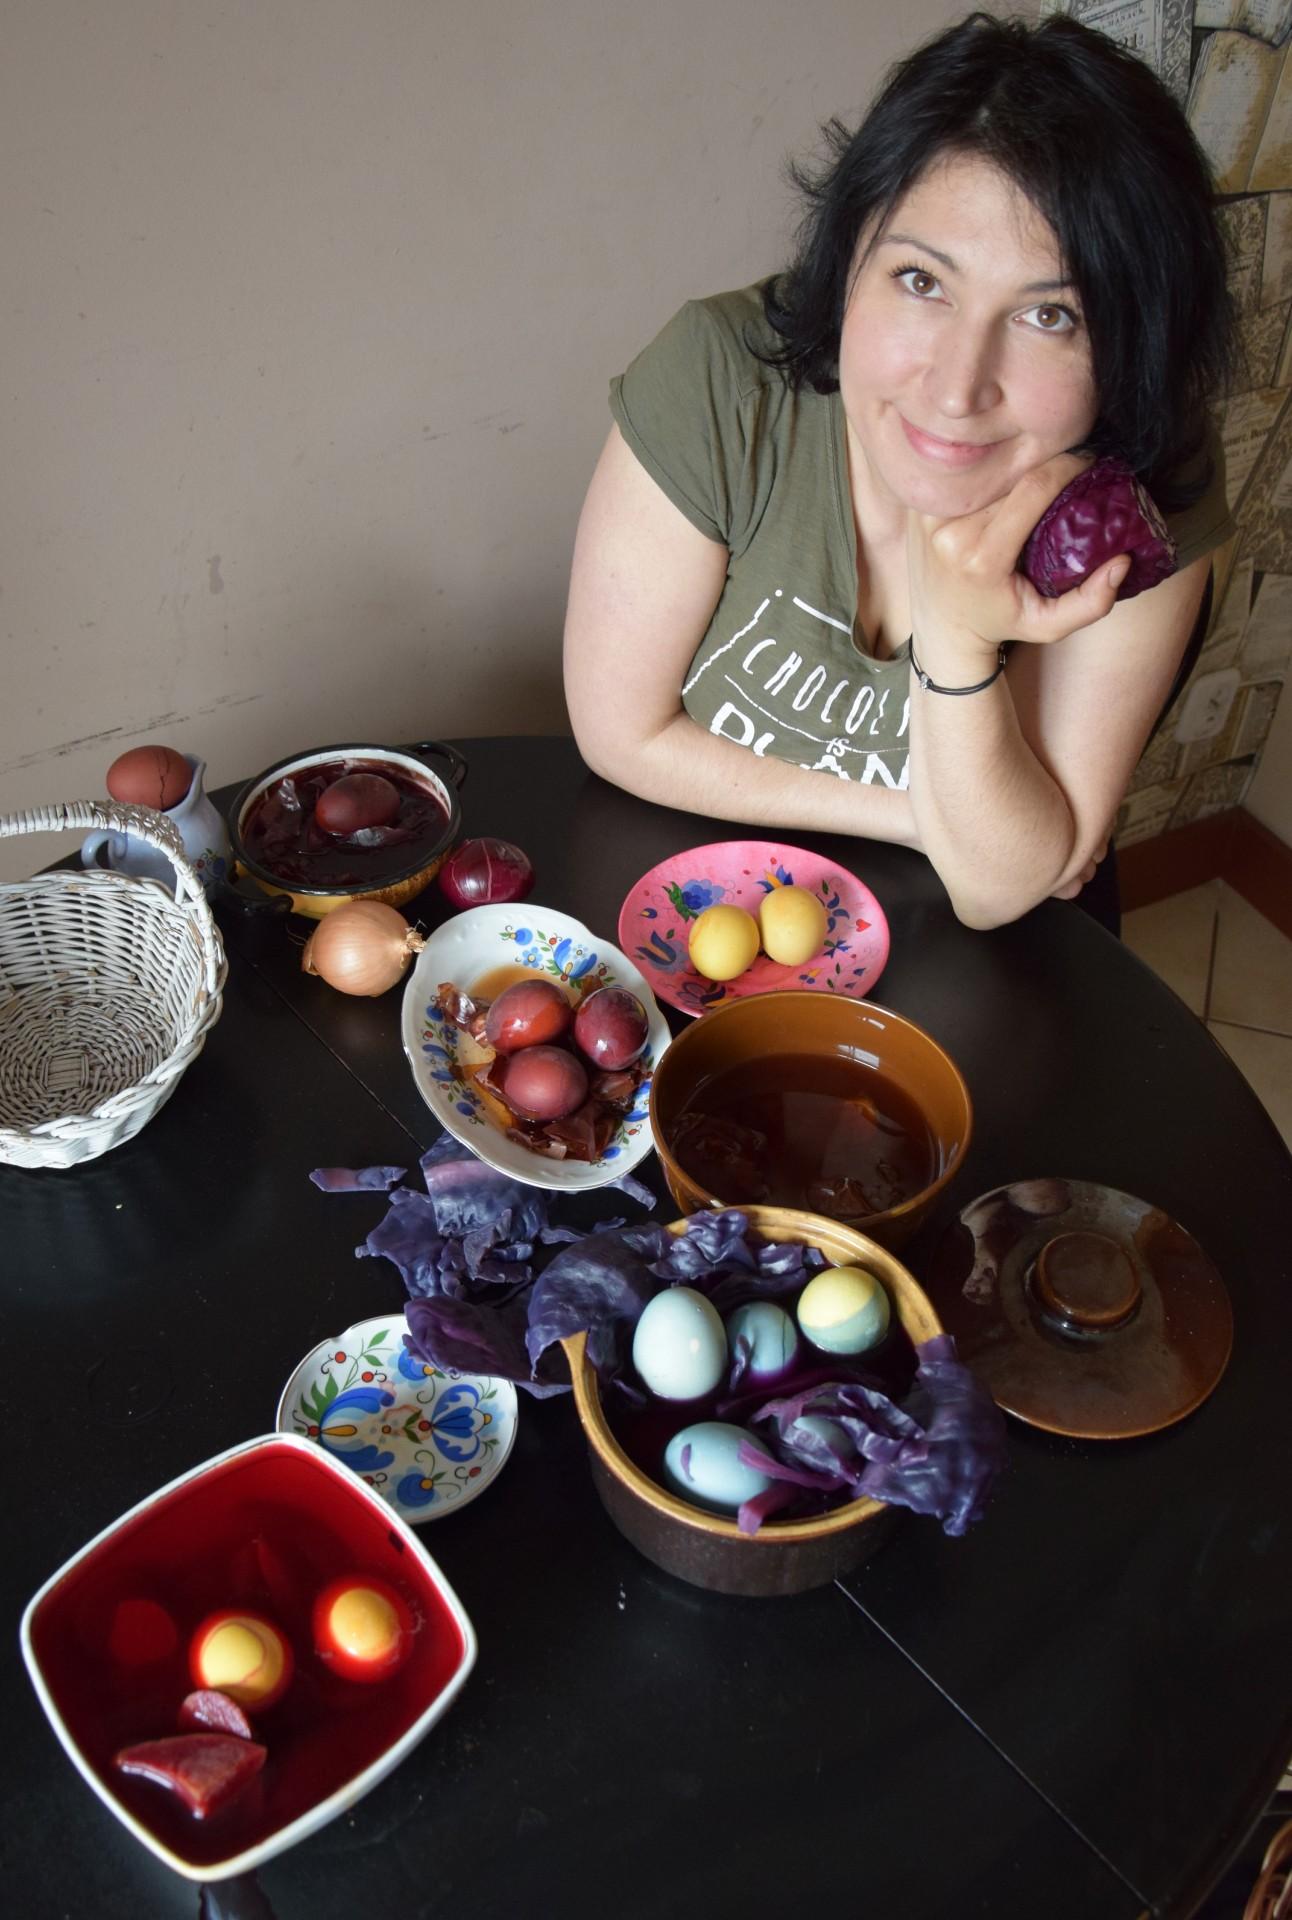 Kraszanaki to kraszone (farbowane, upiększone jaja). Na Kaszubach nie tworzy sie piusanek, tylko kraszanaki. Fot. Tomasz Słomczyński/Magazyn Kaszuby